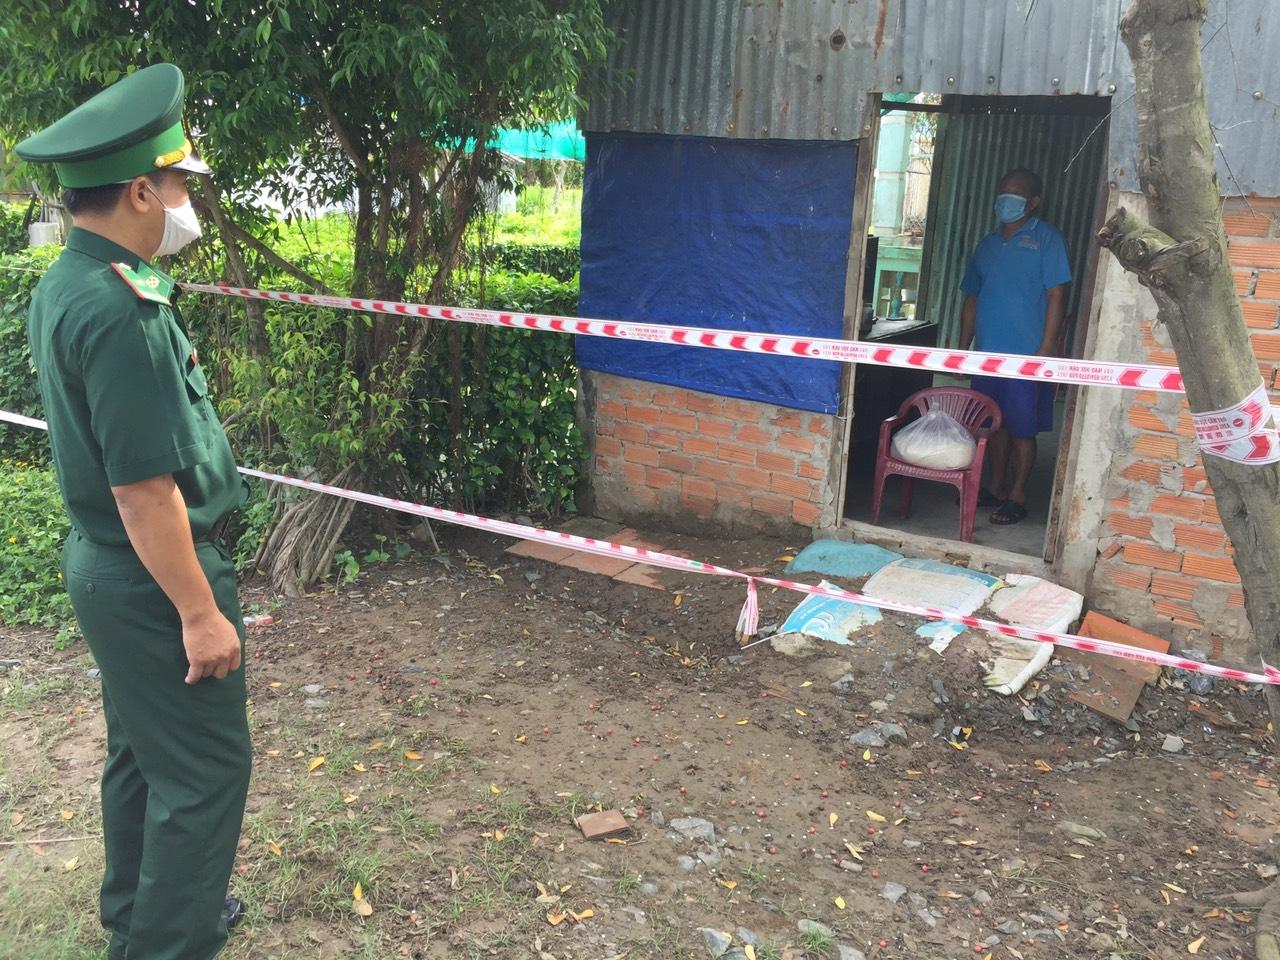 Đồn Biên phòng Vĩnh Châu tặng quà cho các hộ gia đình Khmer có hoản cảnh khó khăn ảnh hưởng dịch Covid-19 trên địa bàn Phường Vĩnh Phước, TX. Vĩnh Châu